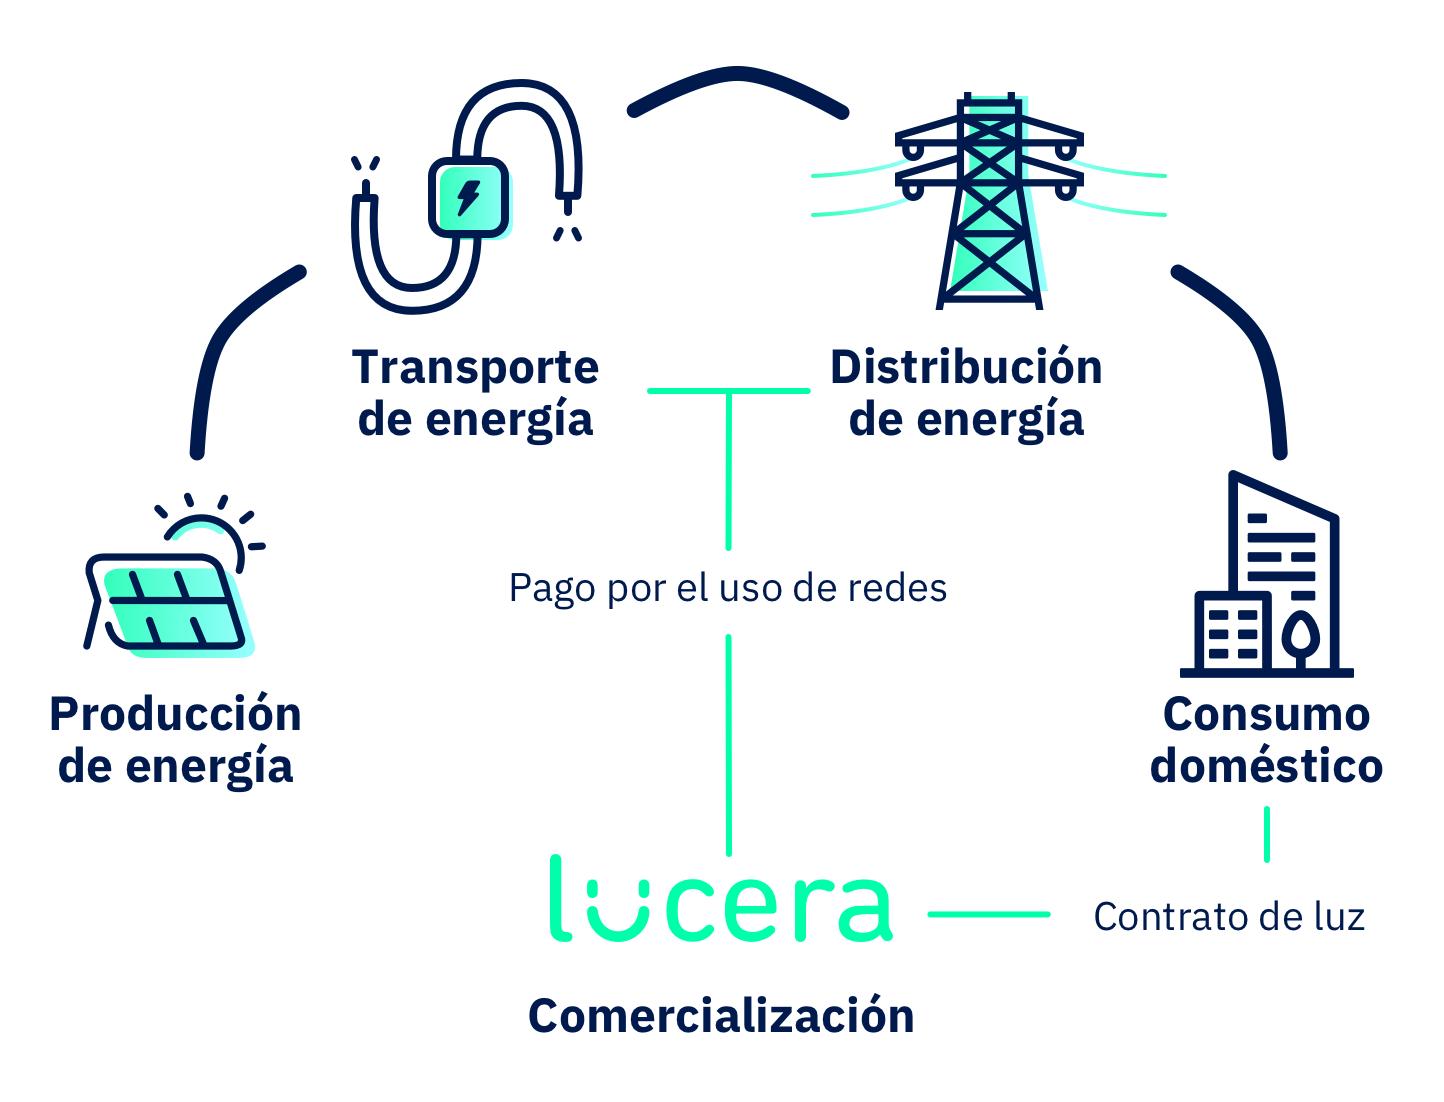 Cómo se genera la electricidad - Ciclo de la energía